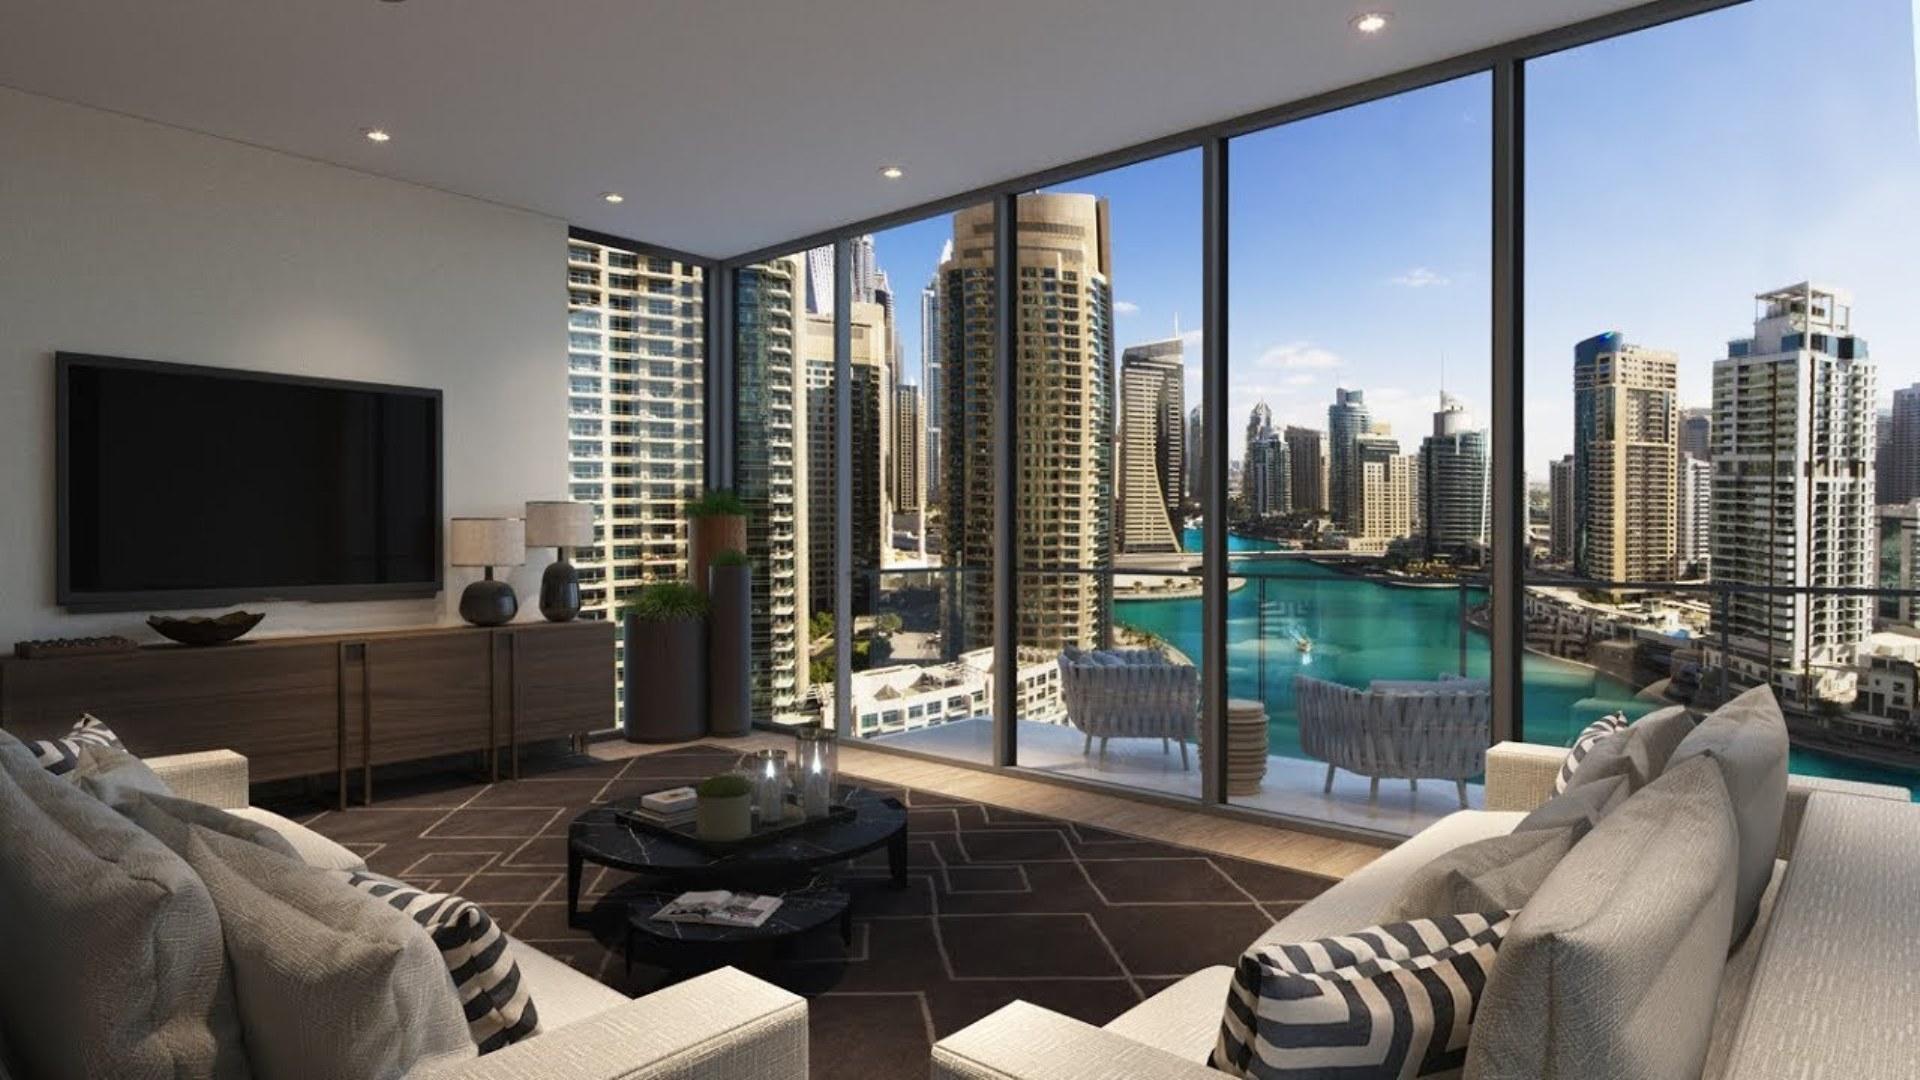 Apartamento en venta en Dubai, EAU, 3 dormitorios, 255 m2, № 24371 – foto 1